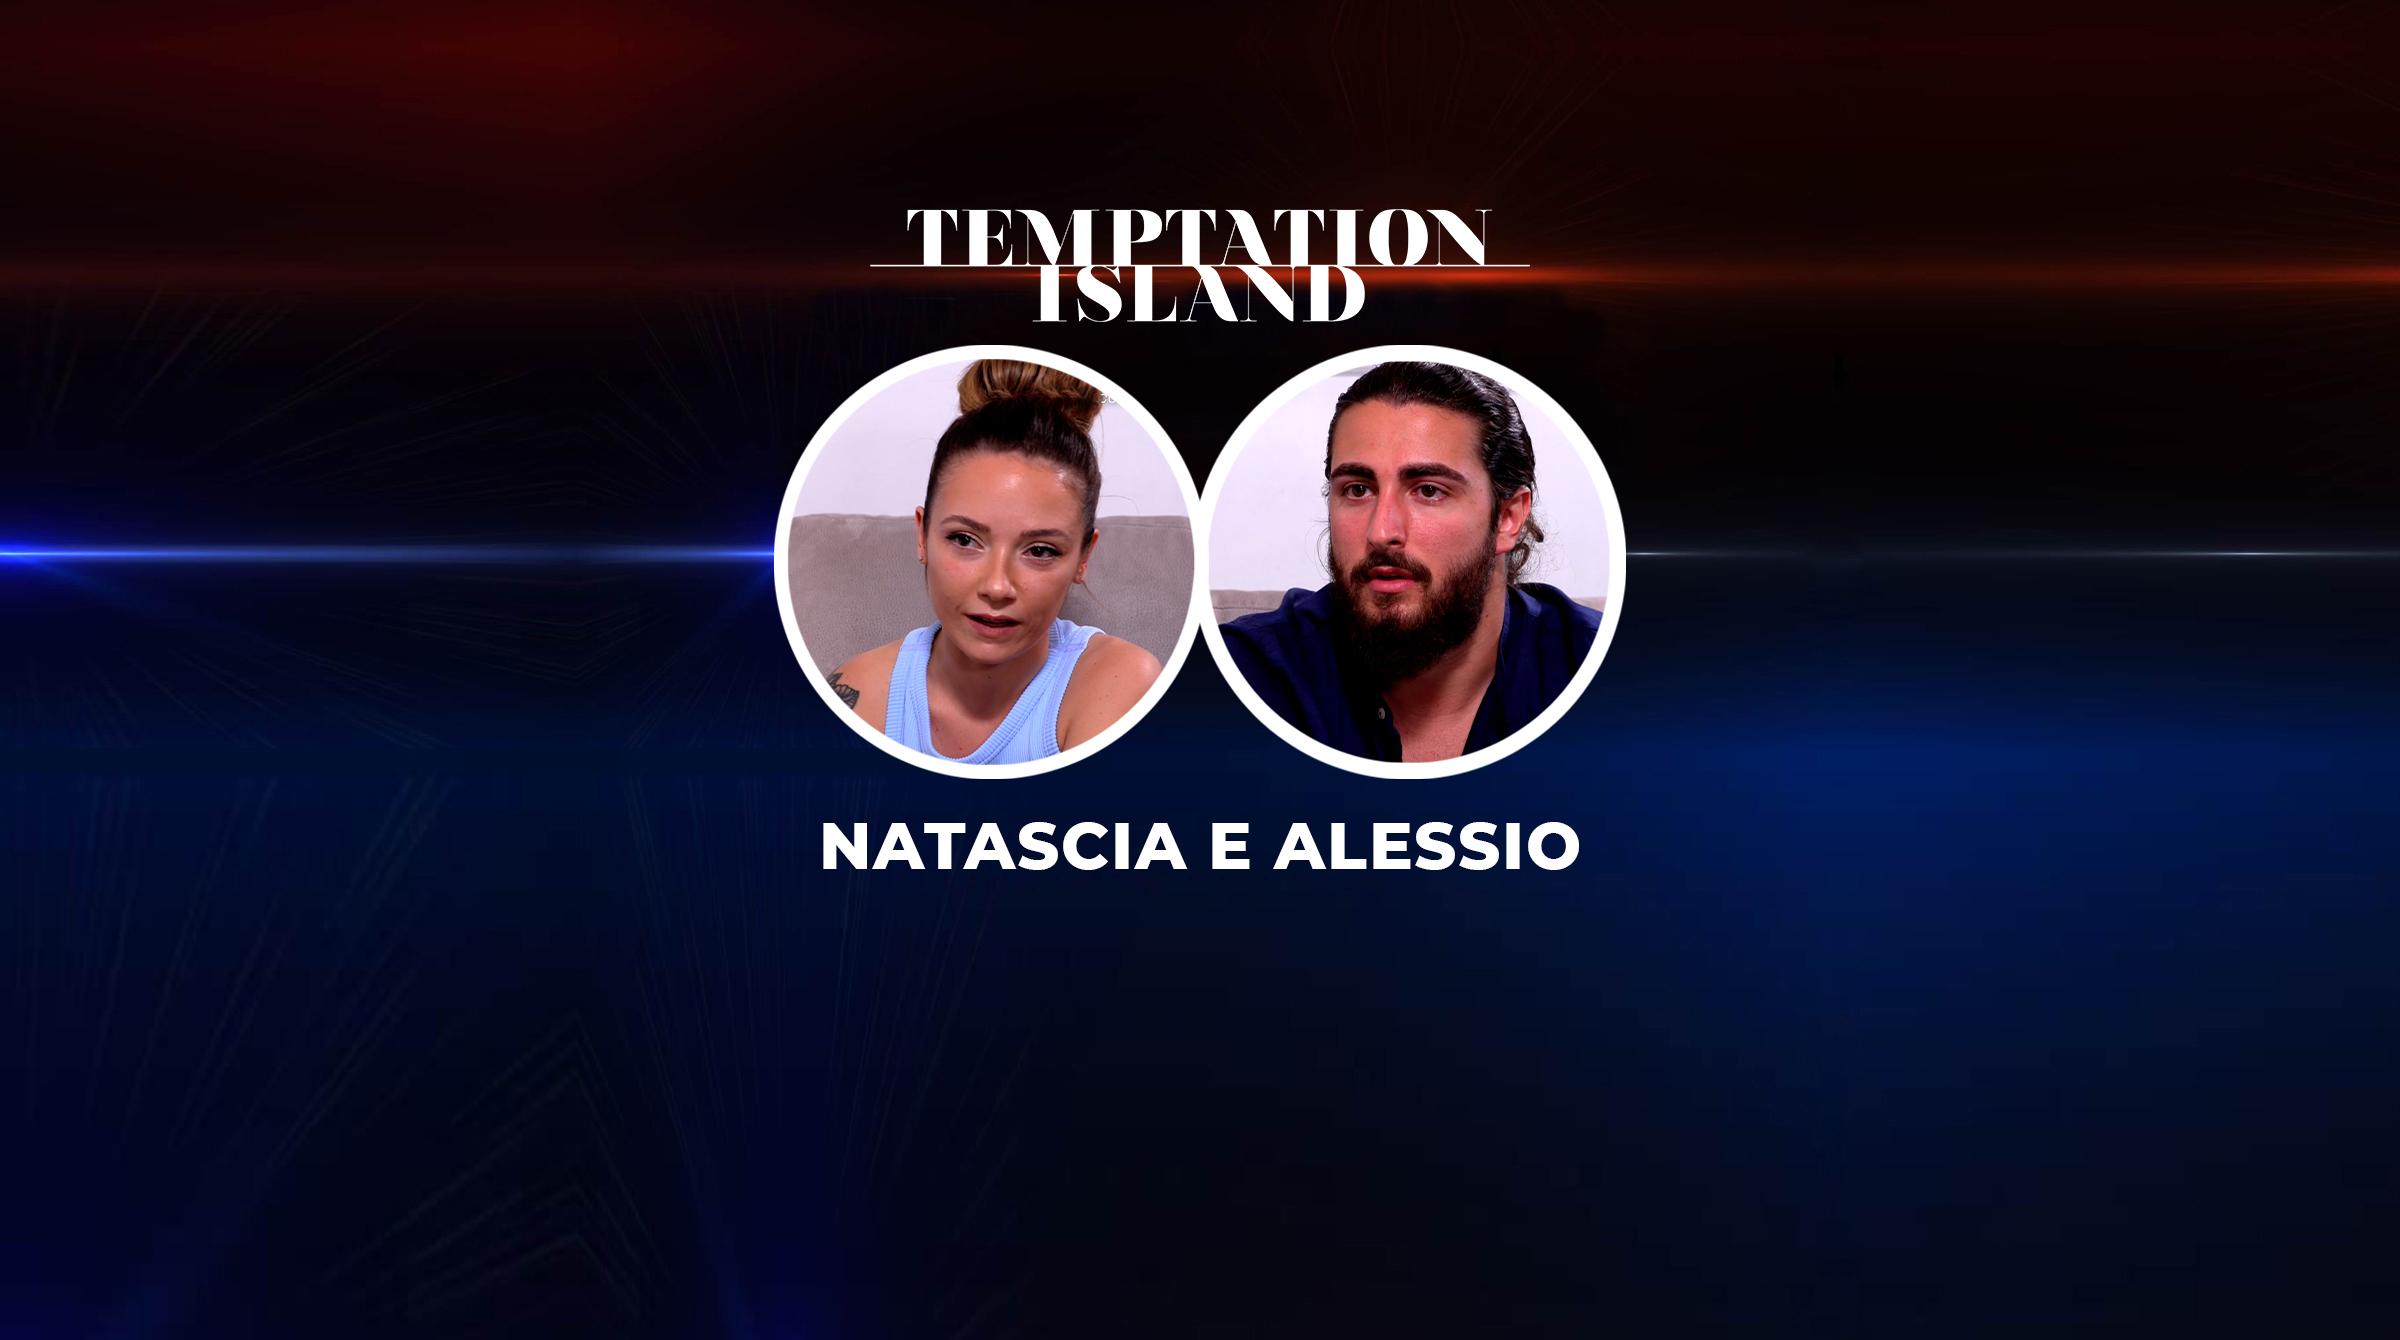 2021_TI_slider NATASCIA-ALESSIO